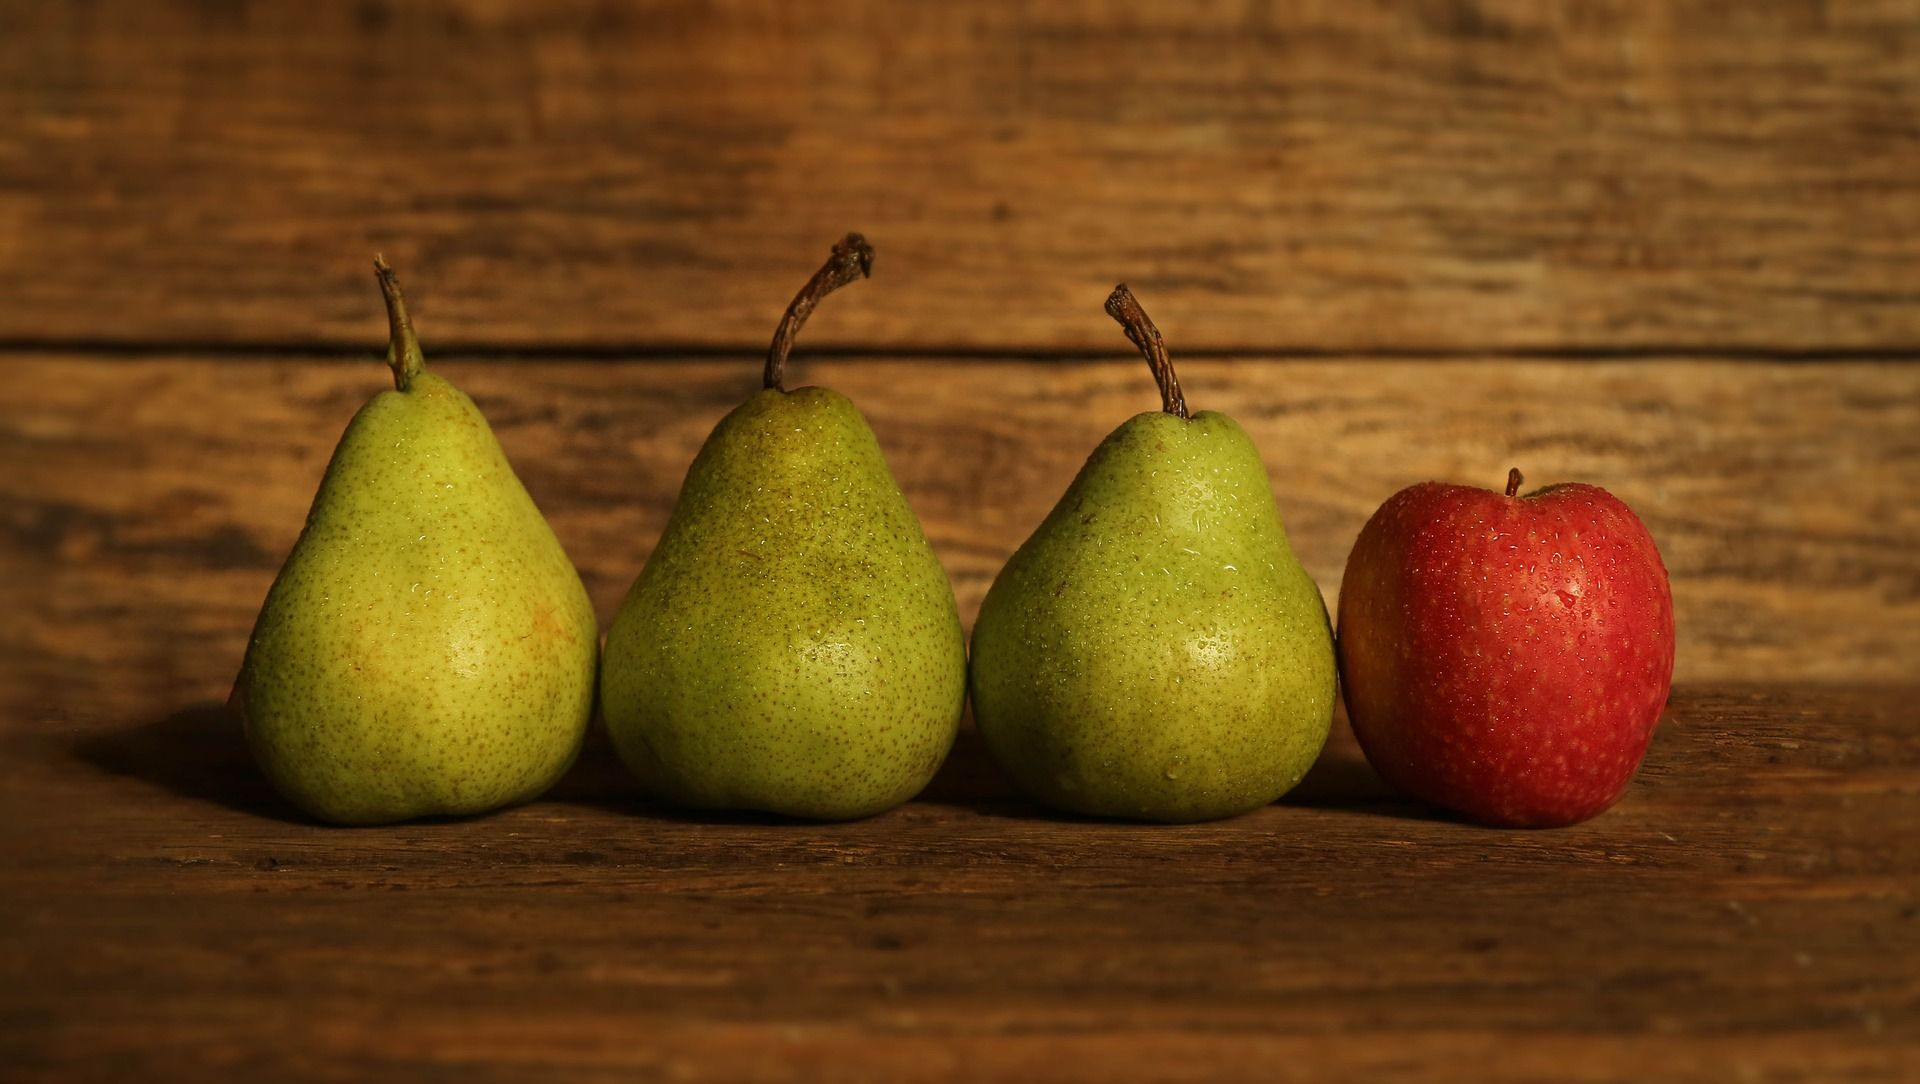 Яблоки, груши, ягоды - шарлотка может быть не банальной